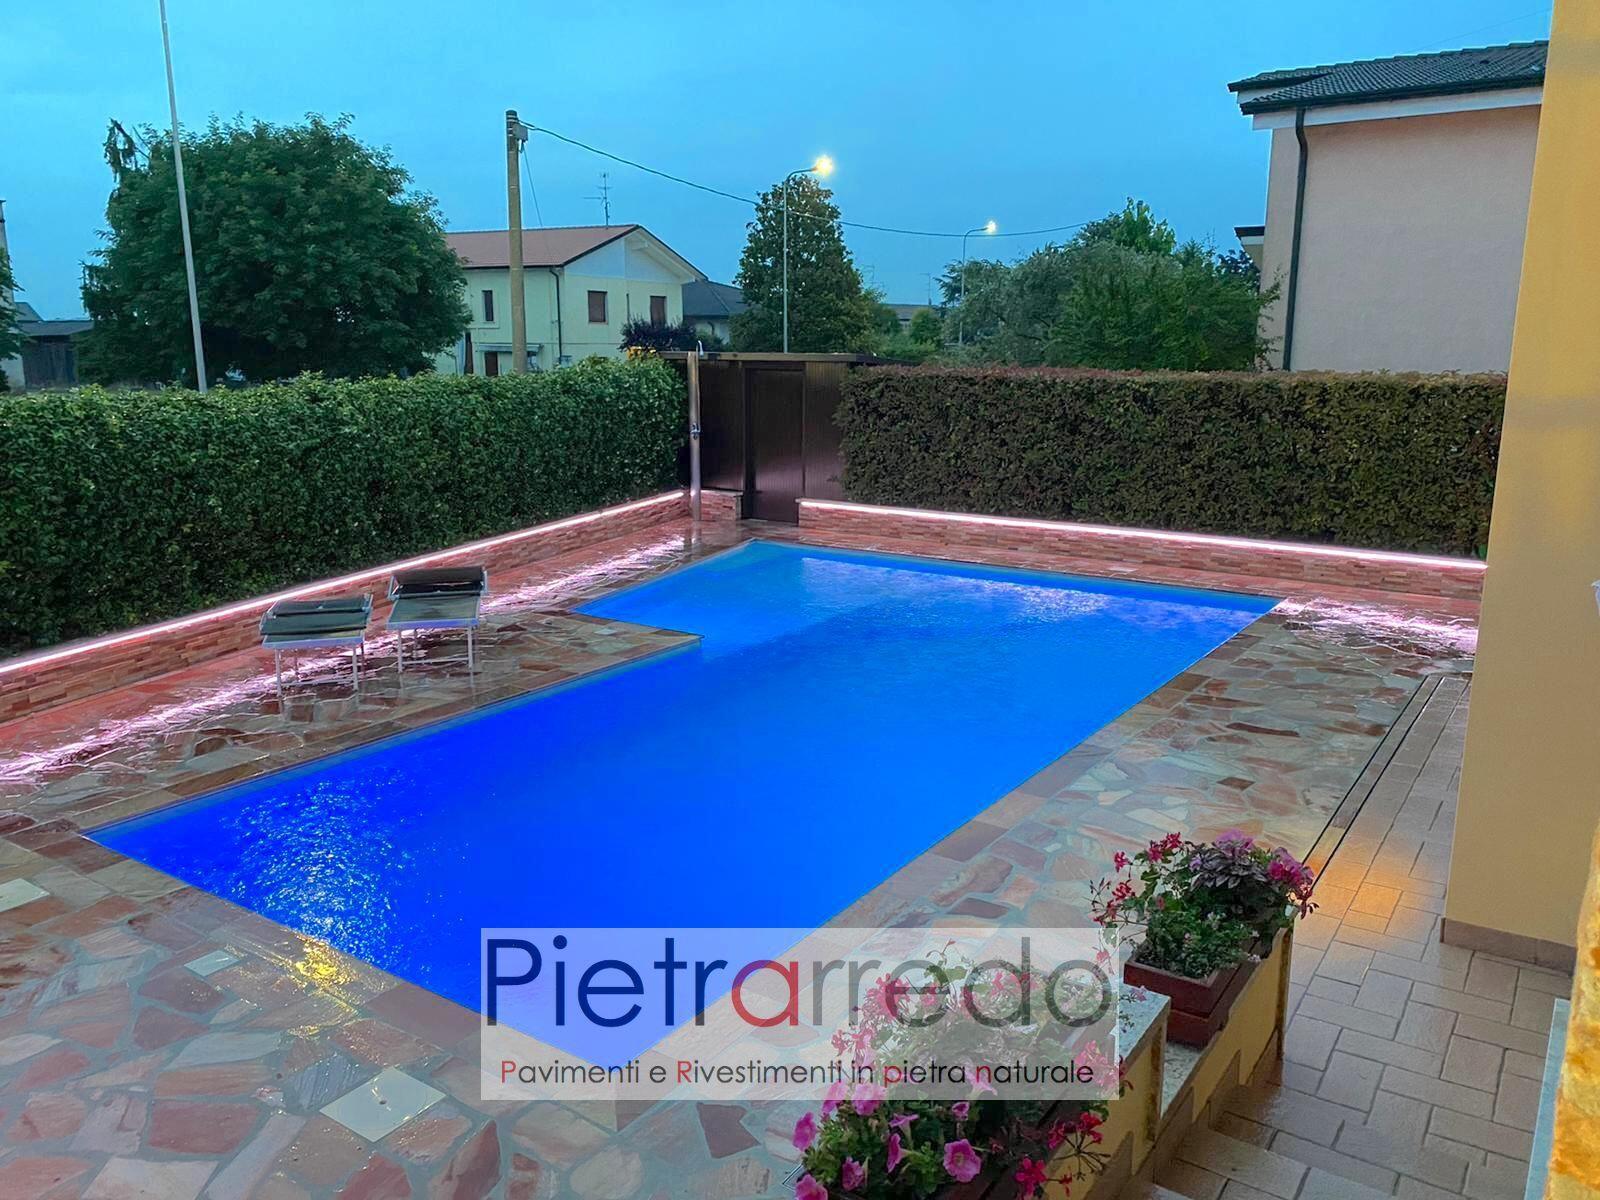 piscina pavimento in quarzite brasiliana rosa antiscivolo atermica pietrarredo milano prezzo bordo